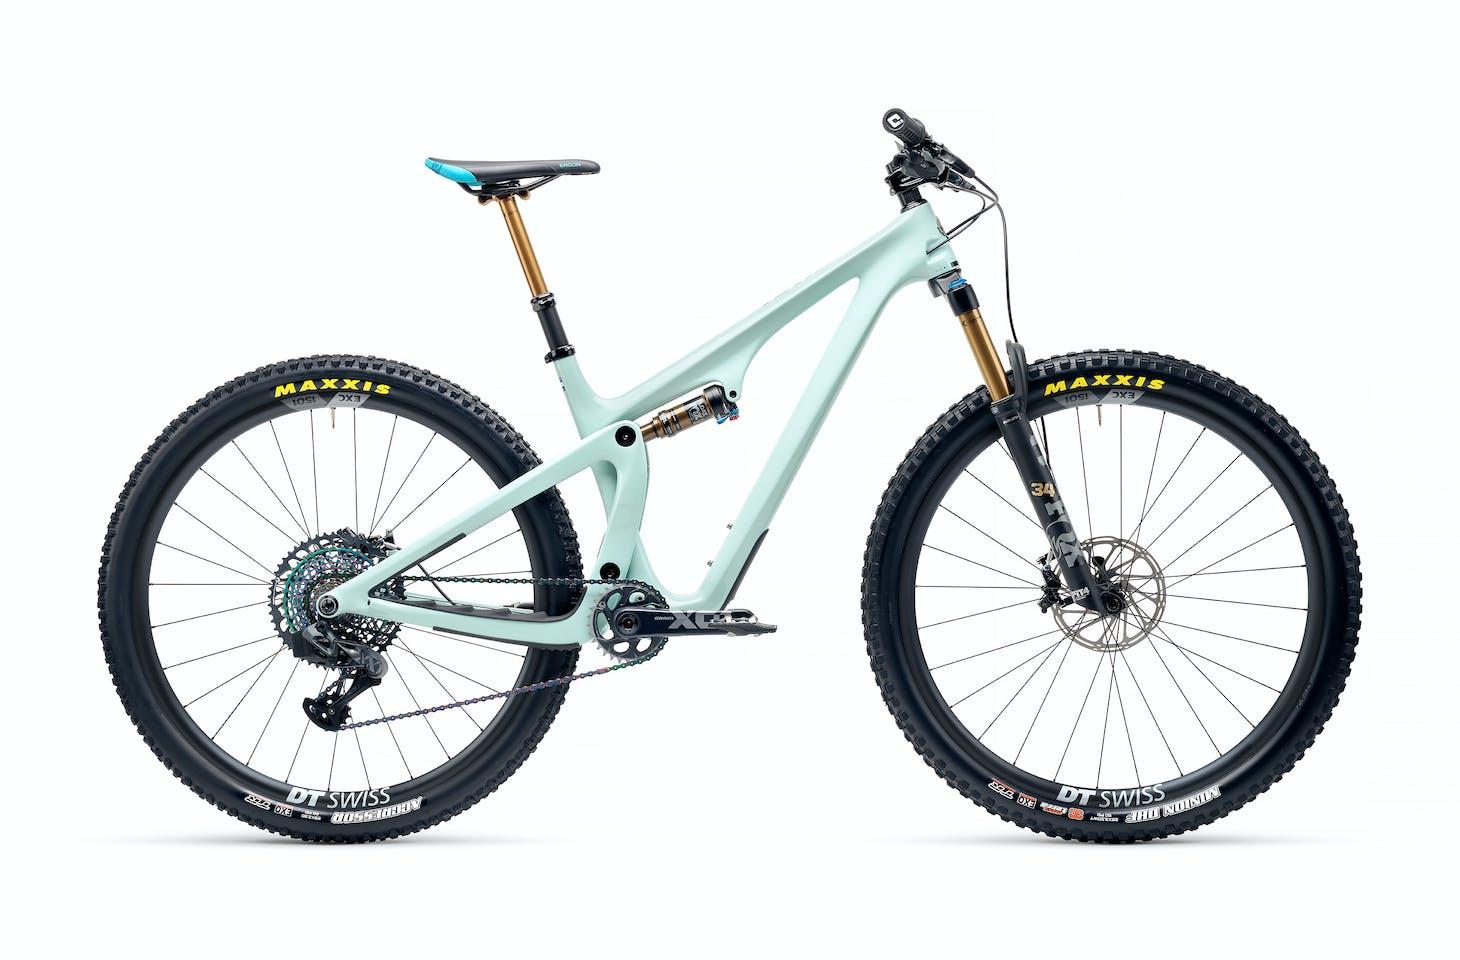 2022 Yeti SB115 T3 AXS Carbon Wheels